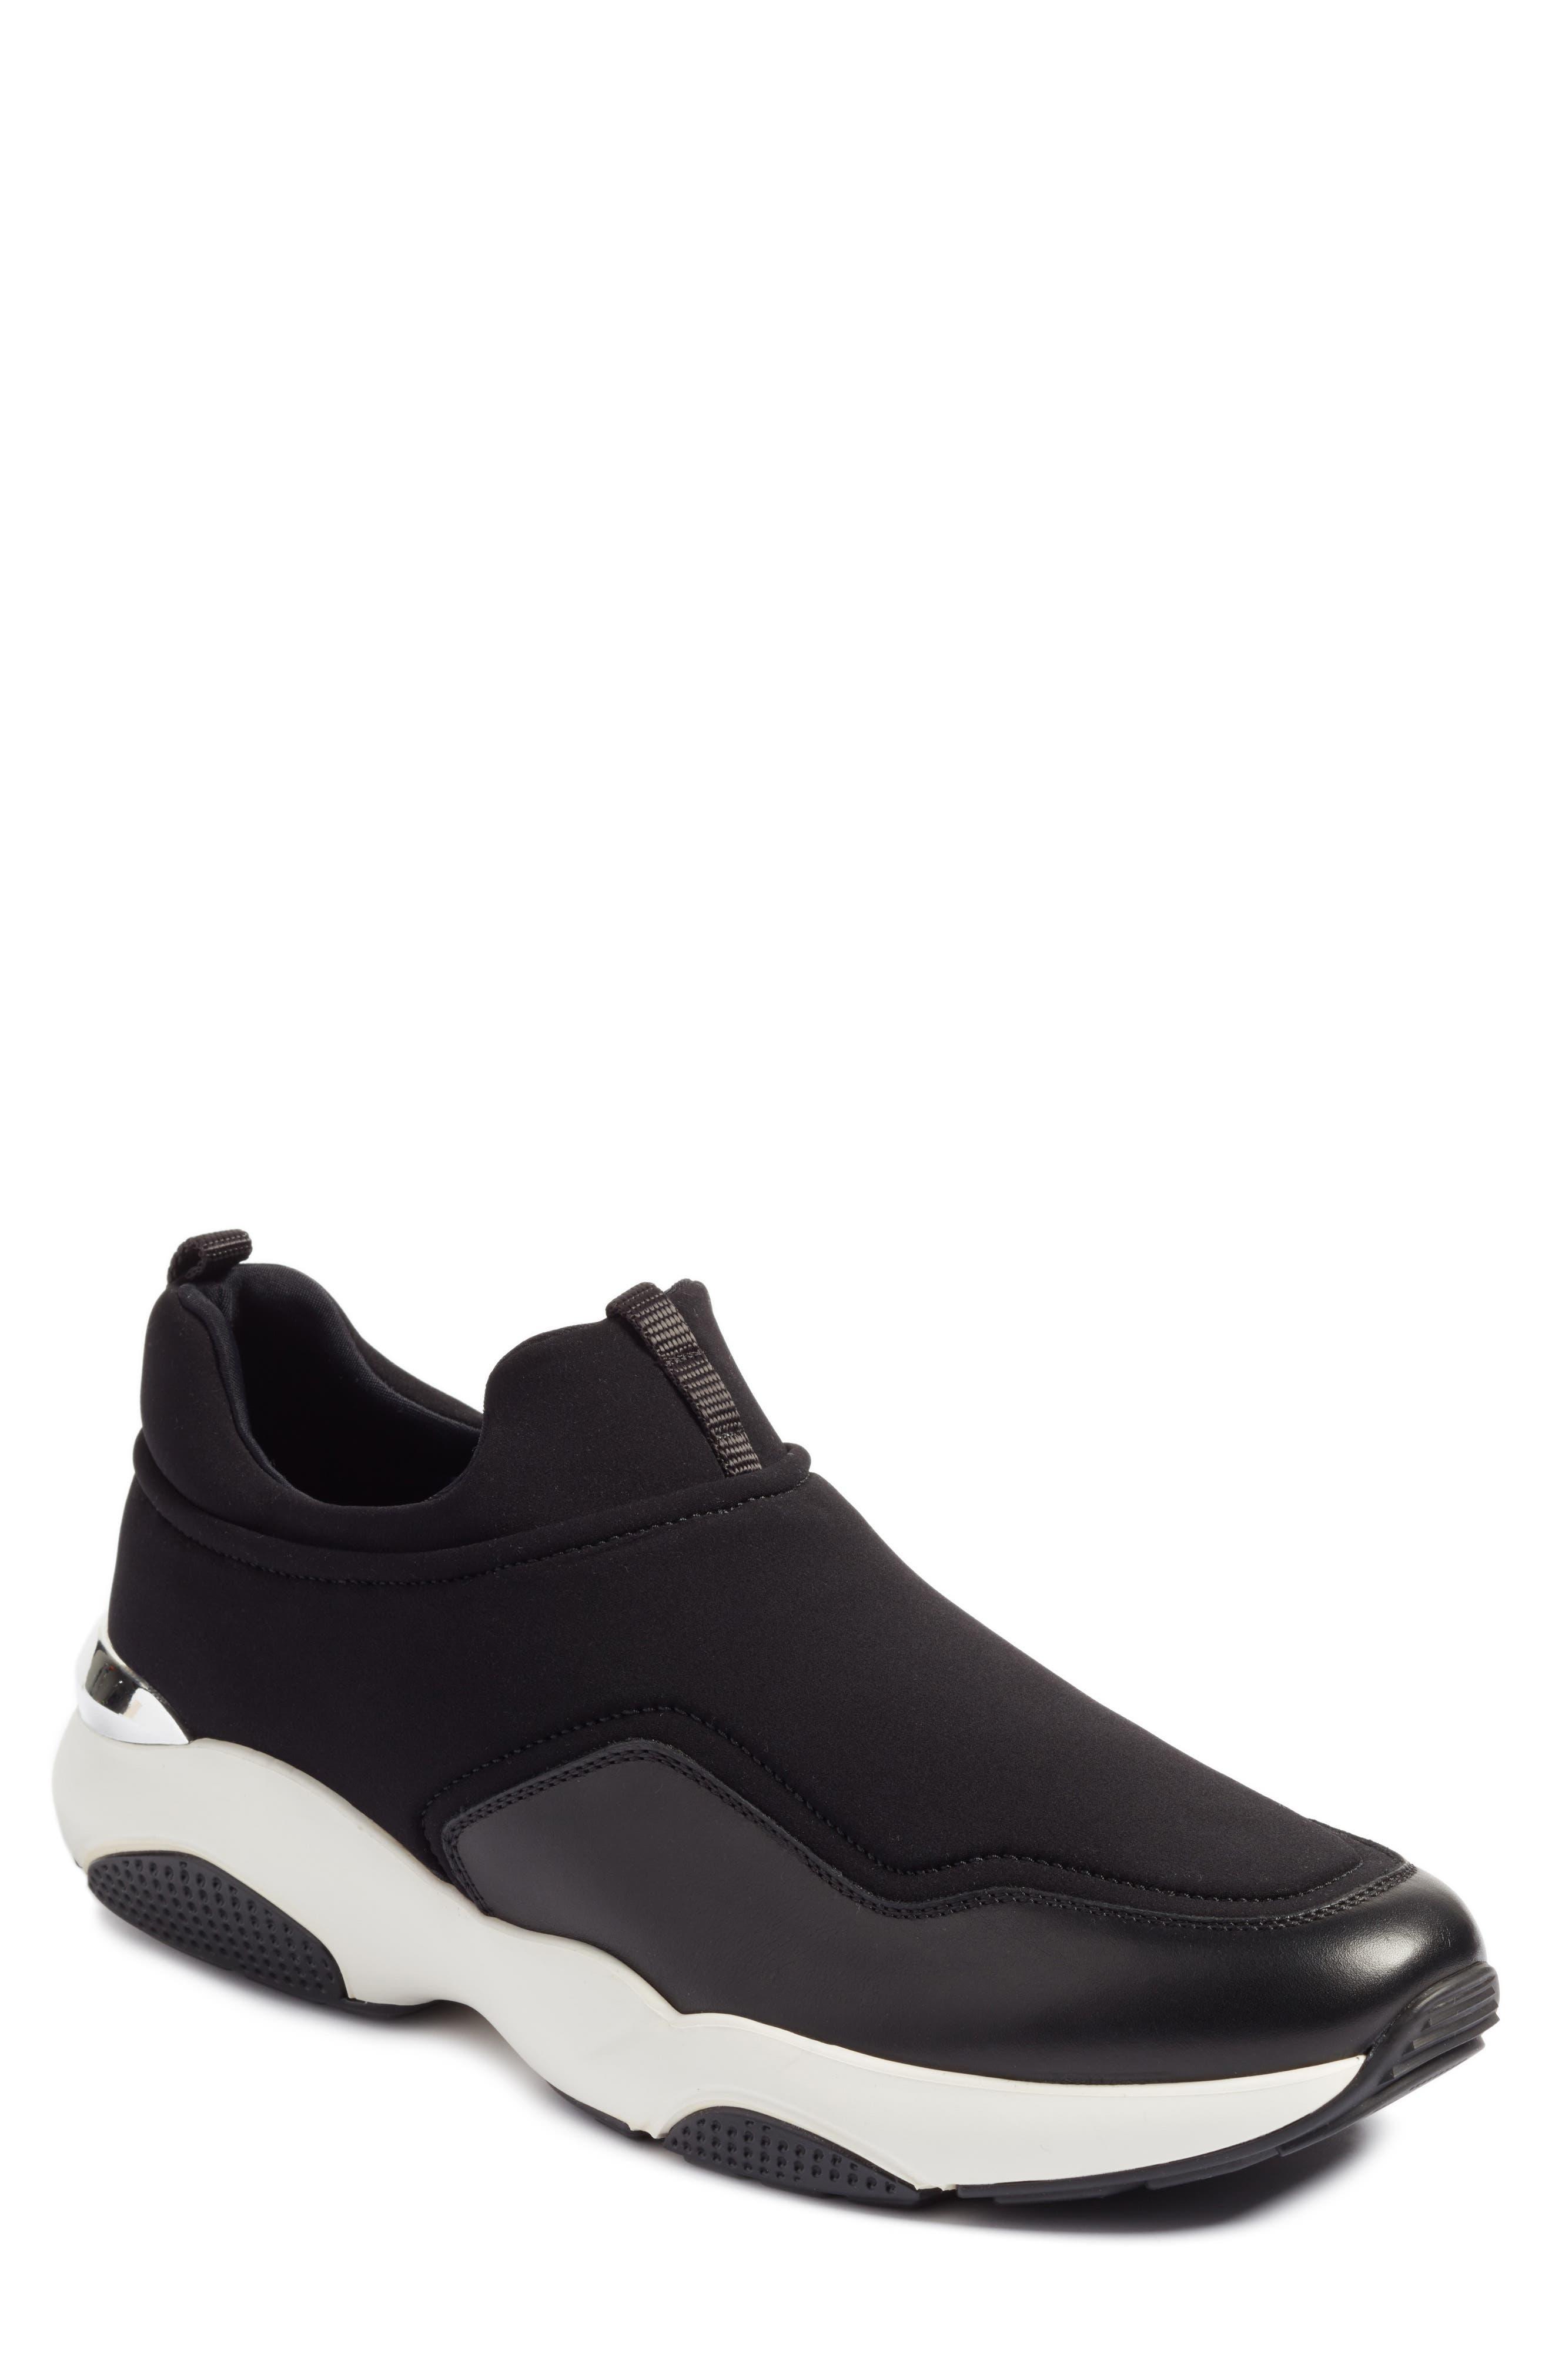 Salvatore Ferragamo Giolly Slip-On Sneaker (Men)